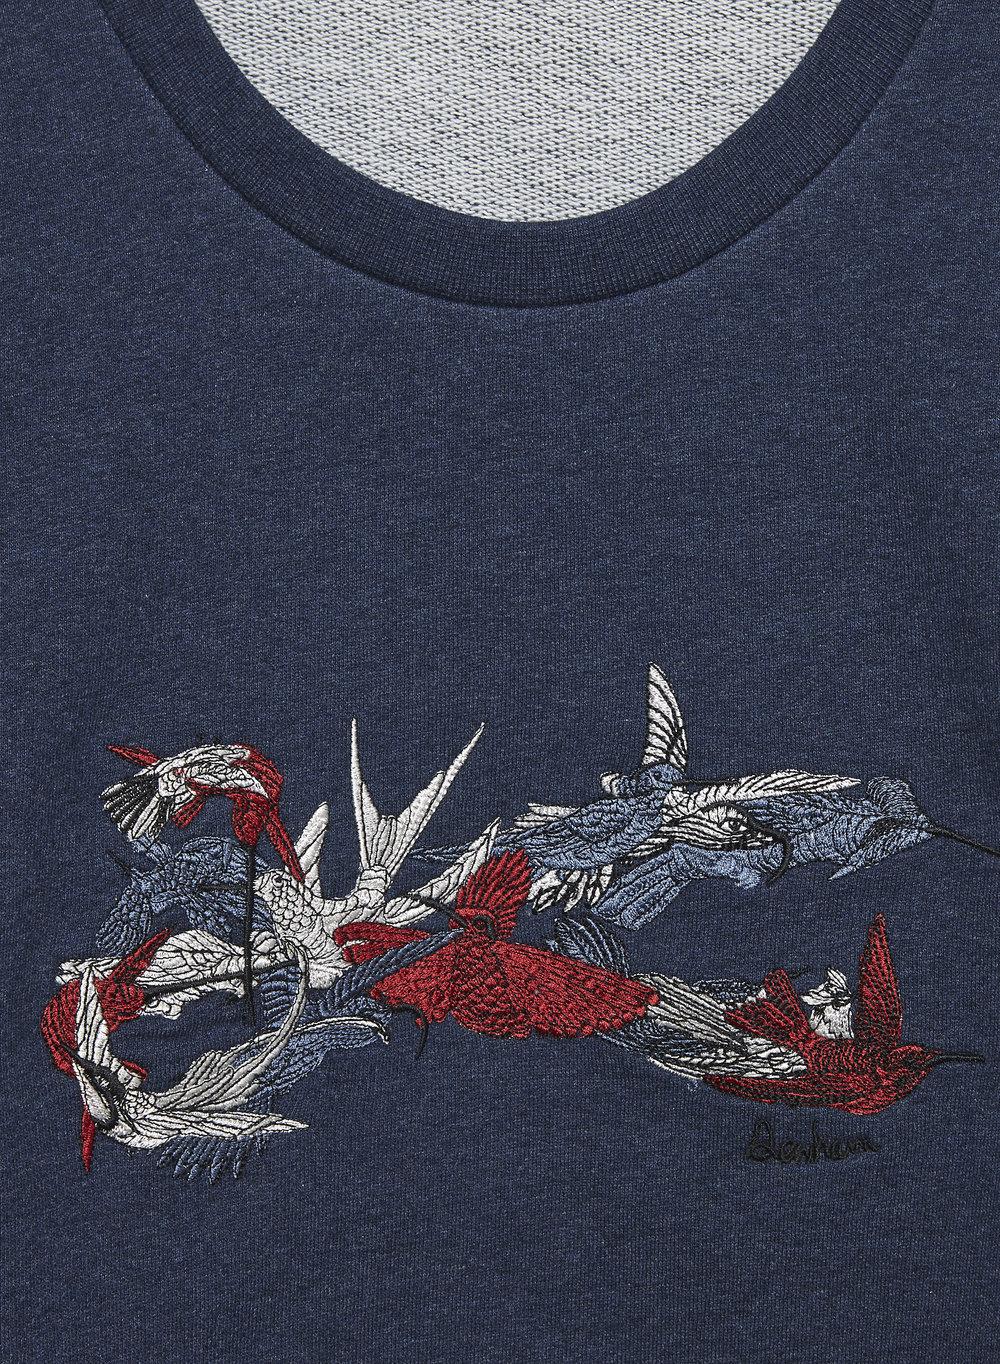 HUMMINGBIRD SWEAT PRS-BLUE MARL-S-02-17-08-60-005-D.jpg